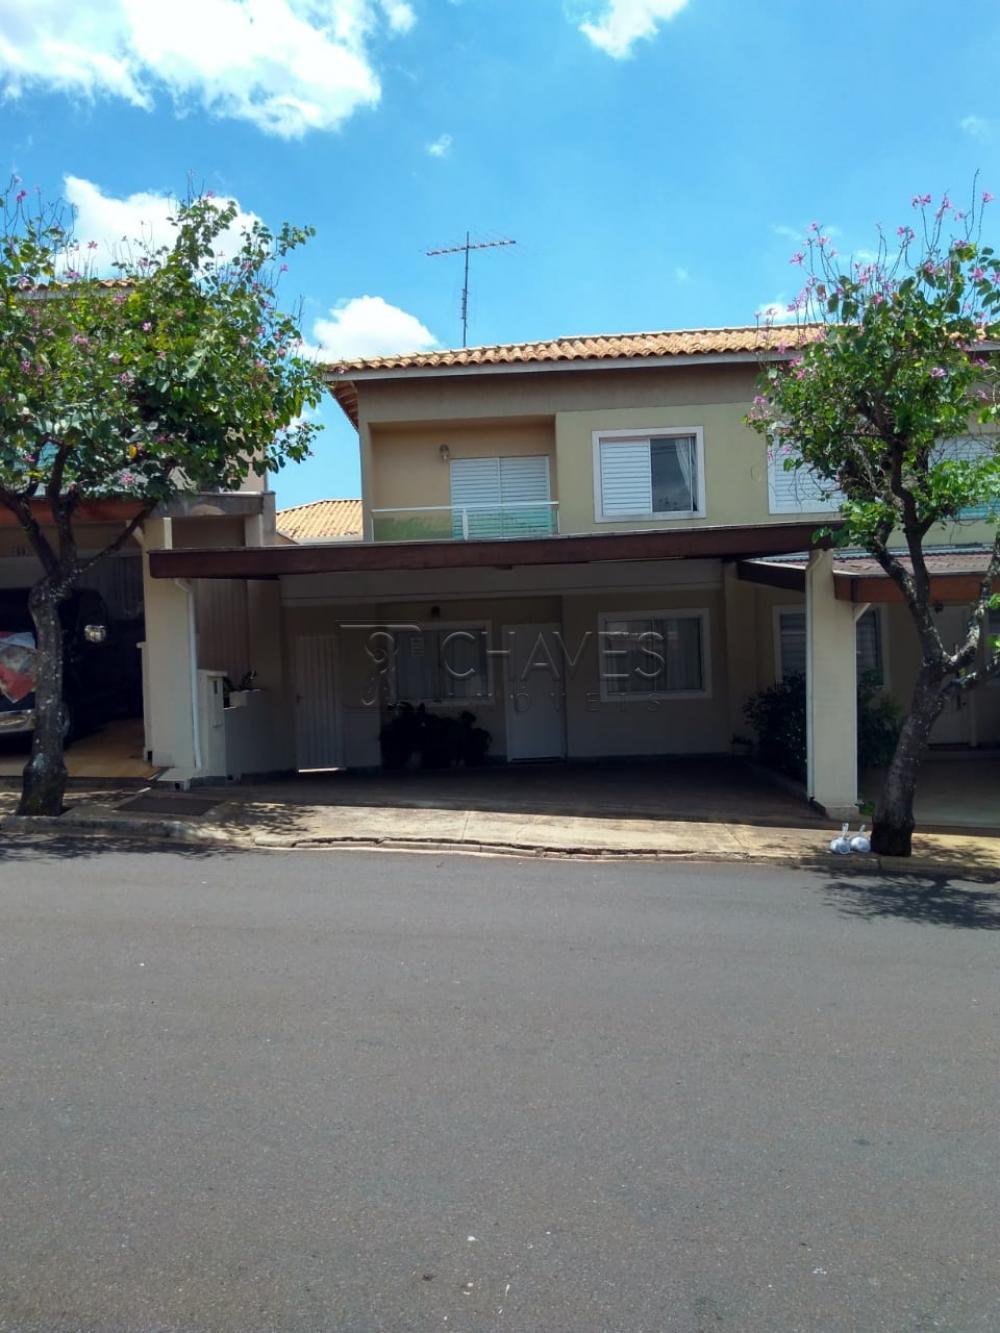 Ribeirao Preto Casa Venda R$480.000,00 Condominio R$470,00 3 Dormitorios 1 Suite Area construida 80.00m2